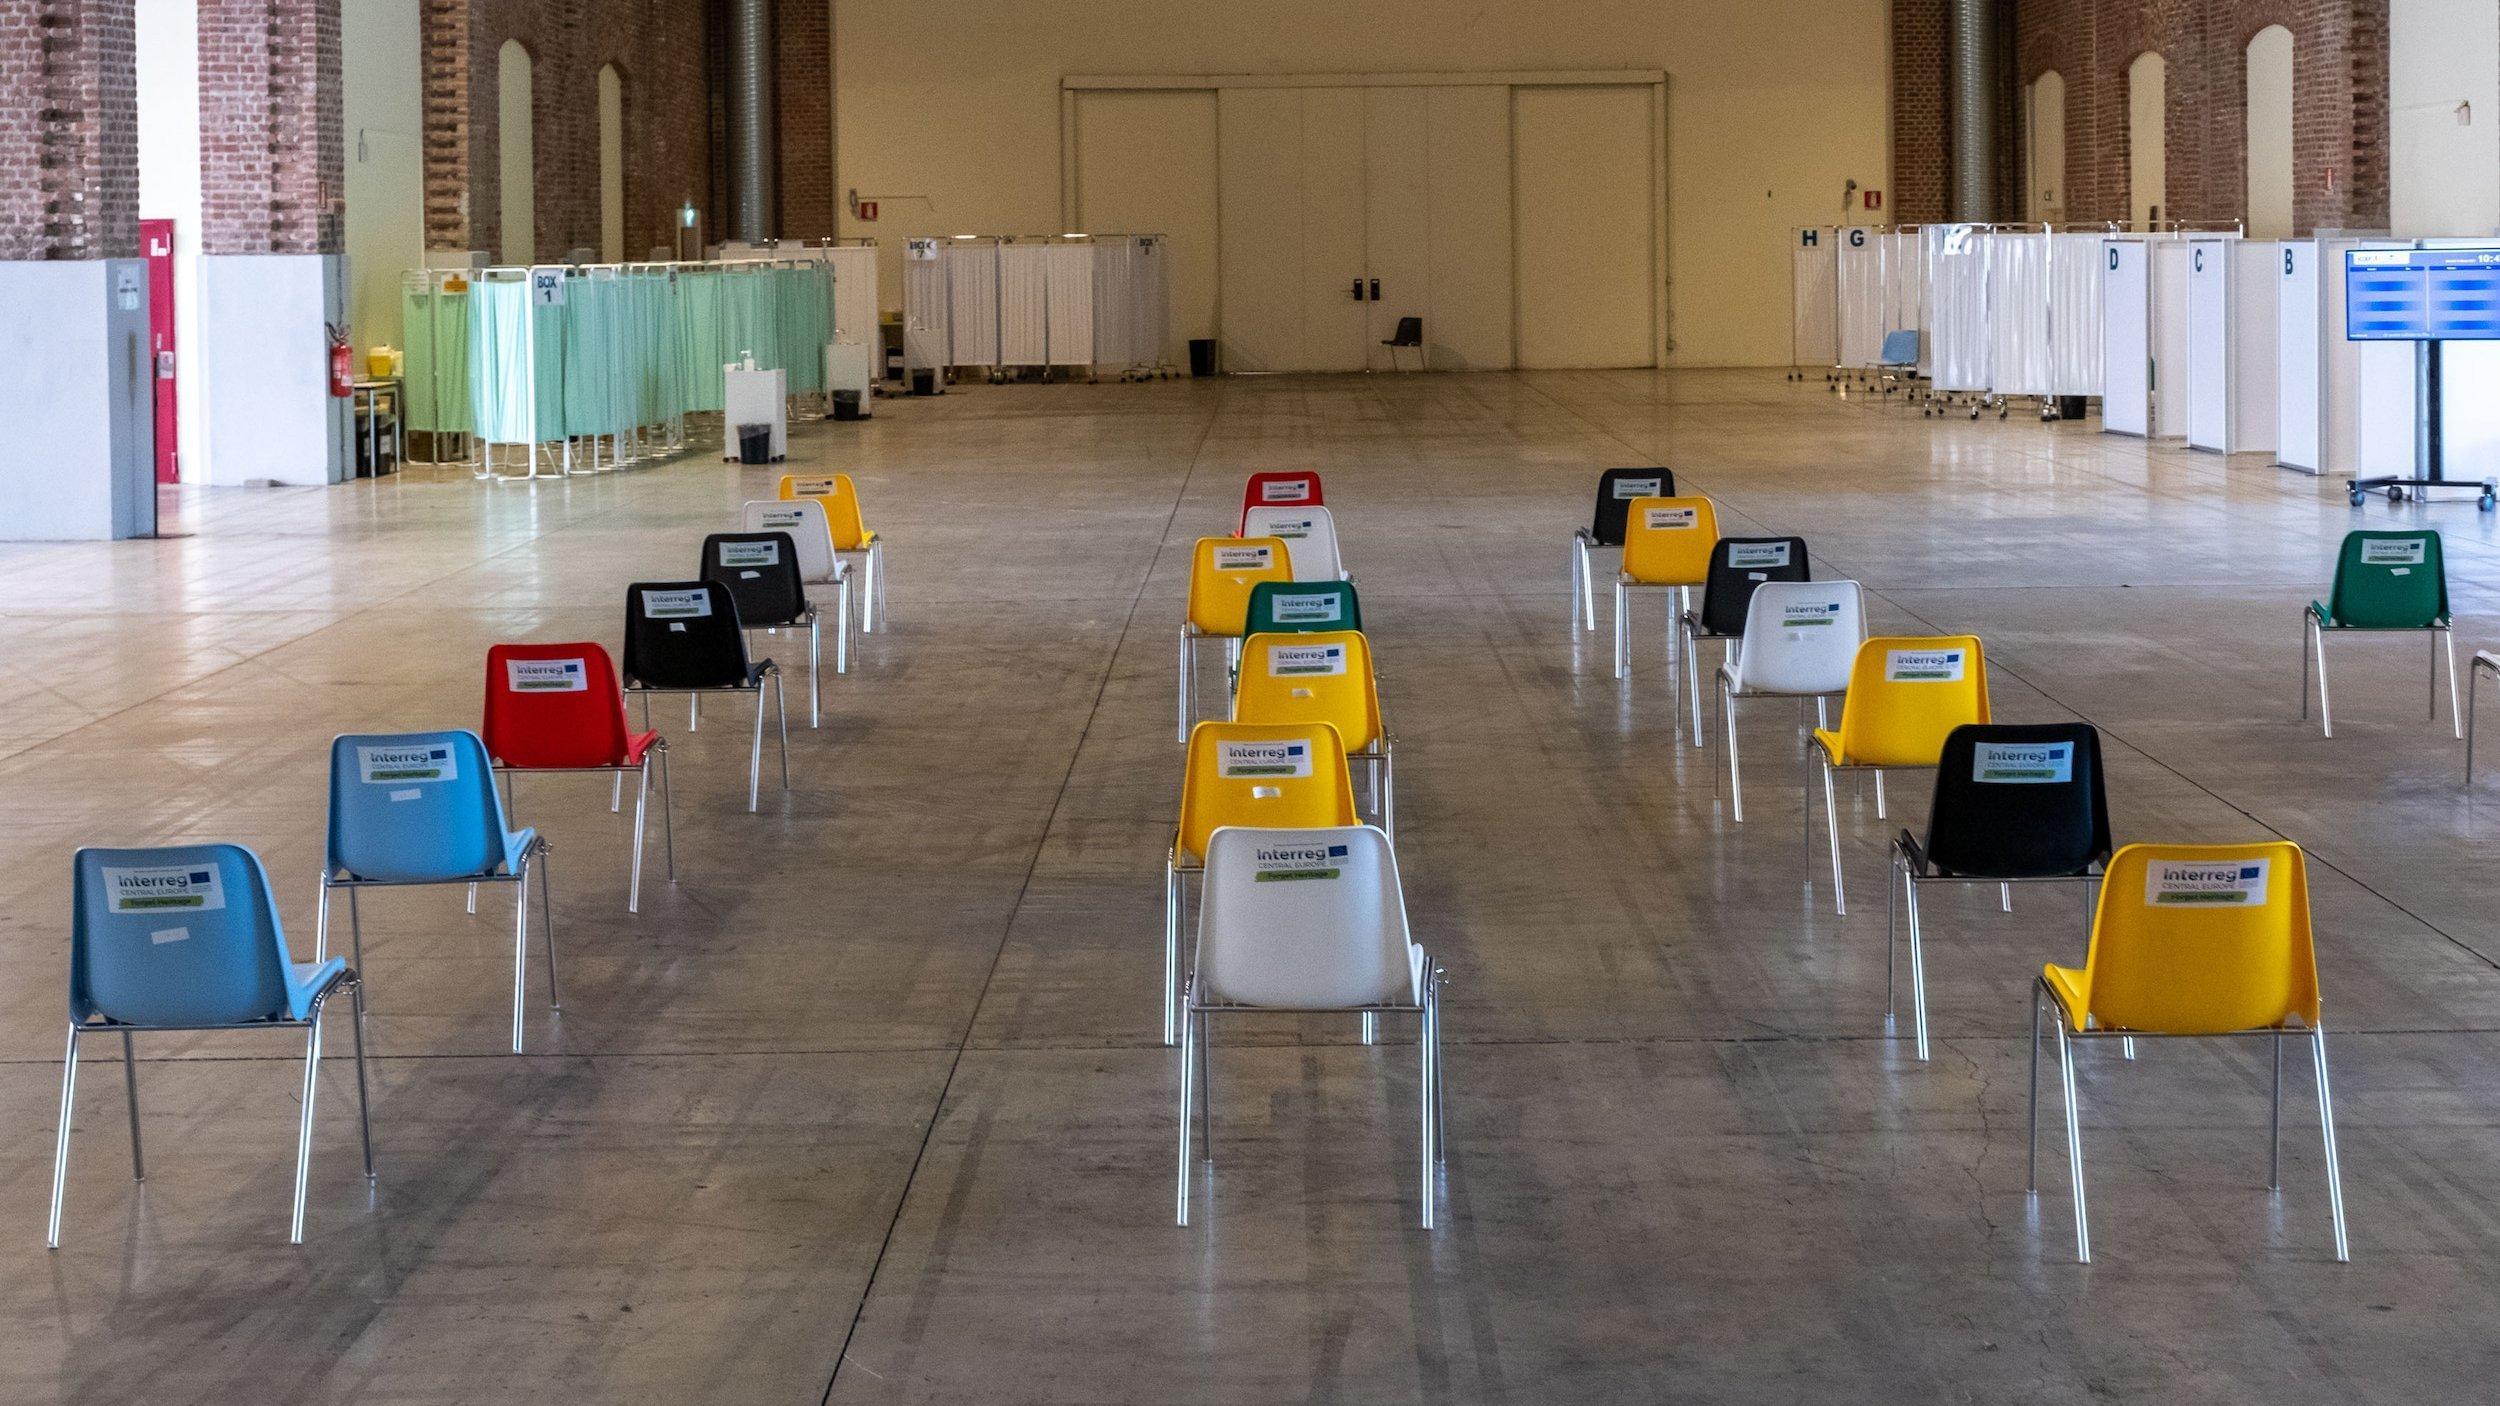 Das Bild zeigt den Wartebereich eines Corona-Impfzentrums. Alle Stühle  sind leer.